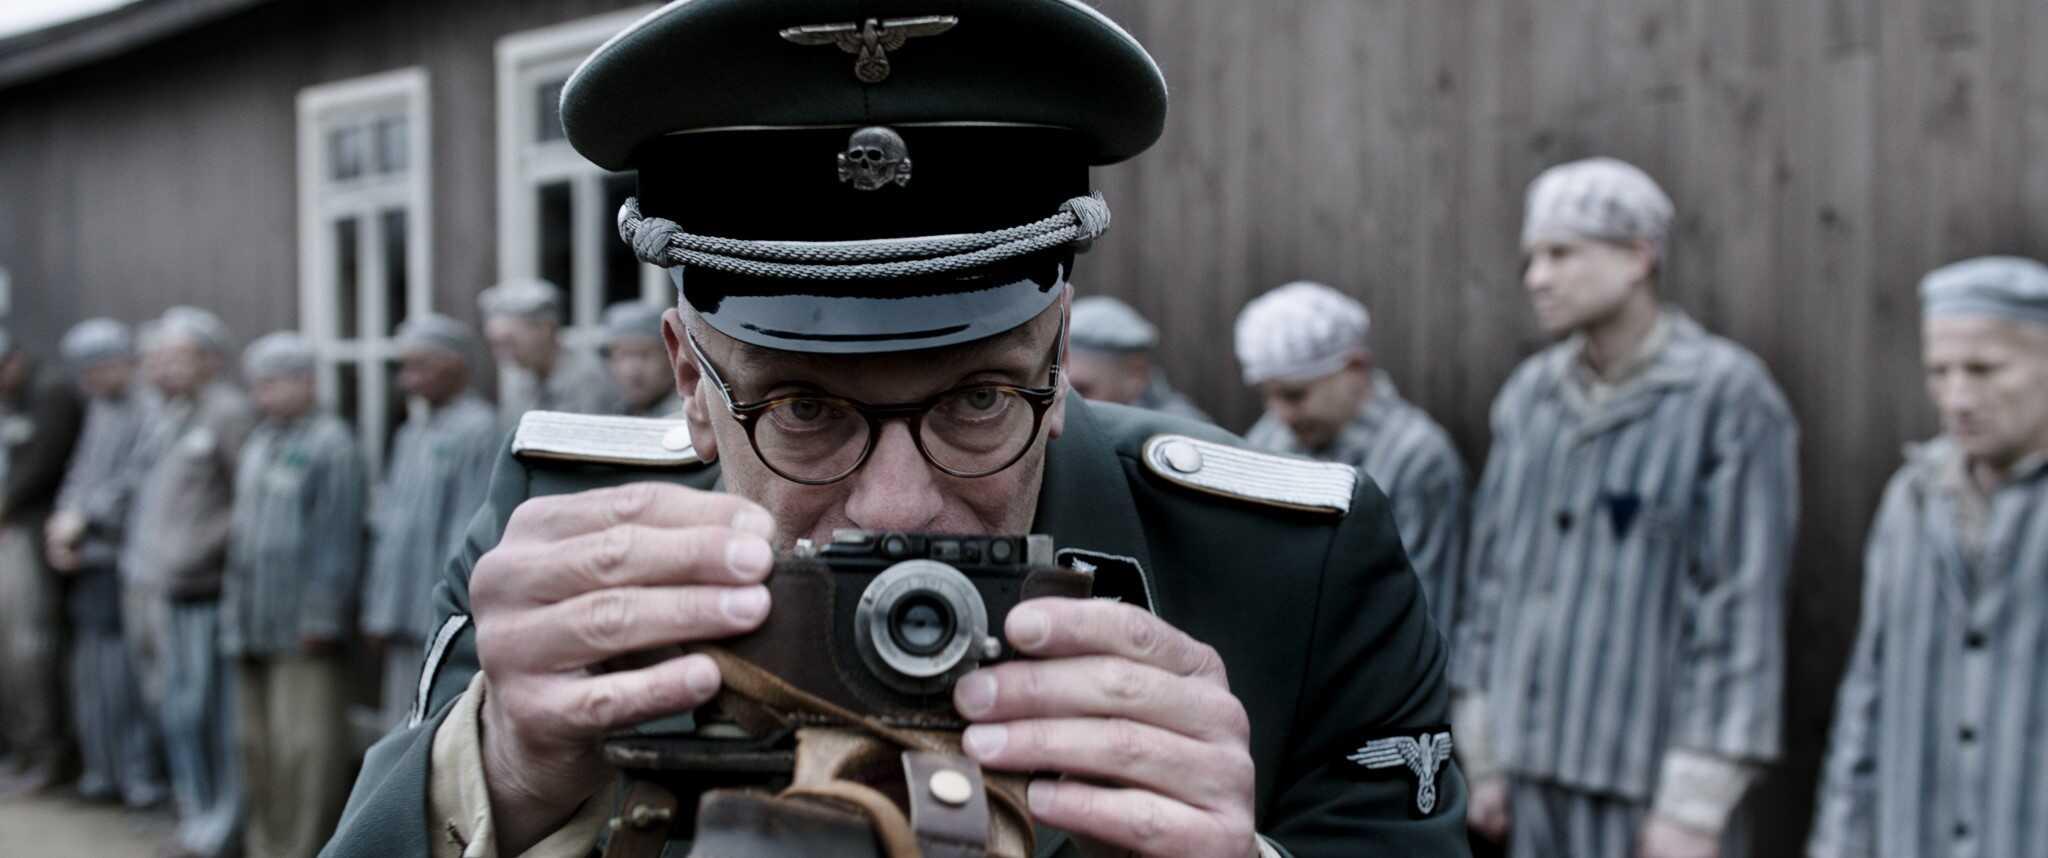 le photographe de Mauthausen Paul Riken